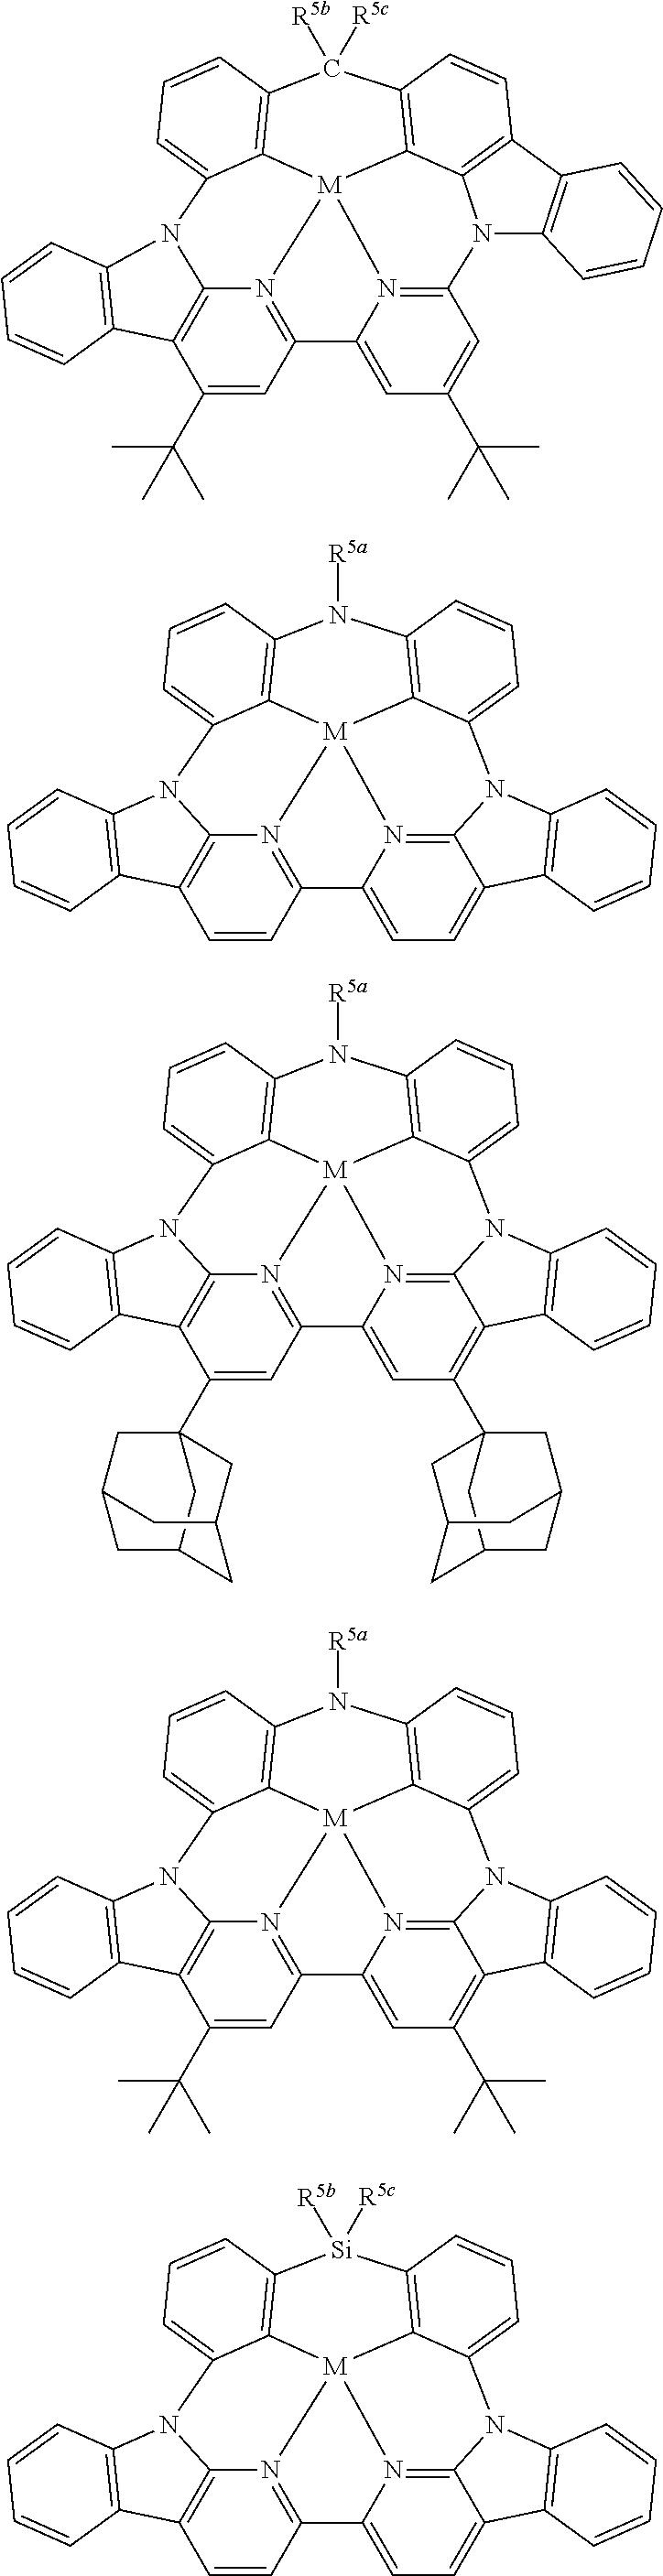 Figure US10158091-20181218-C00237